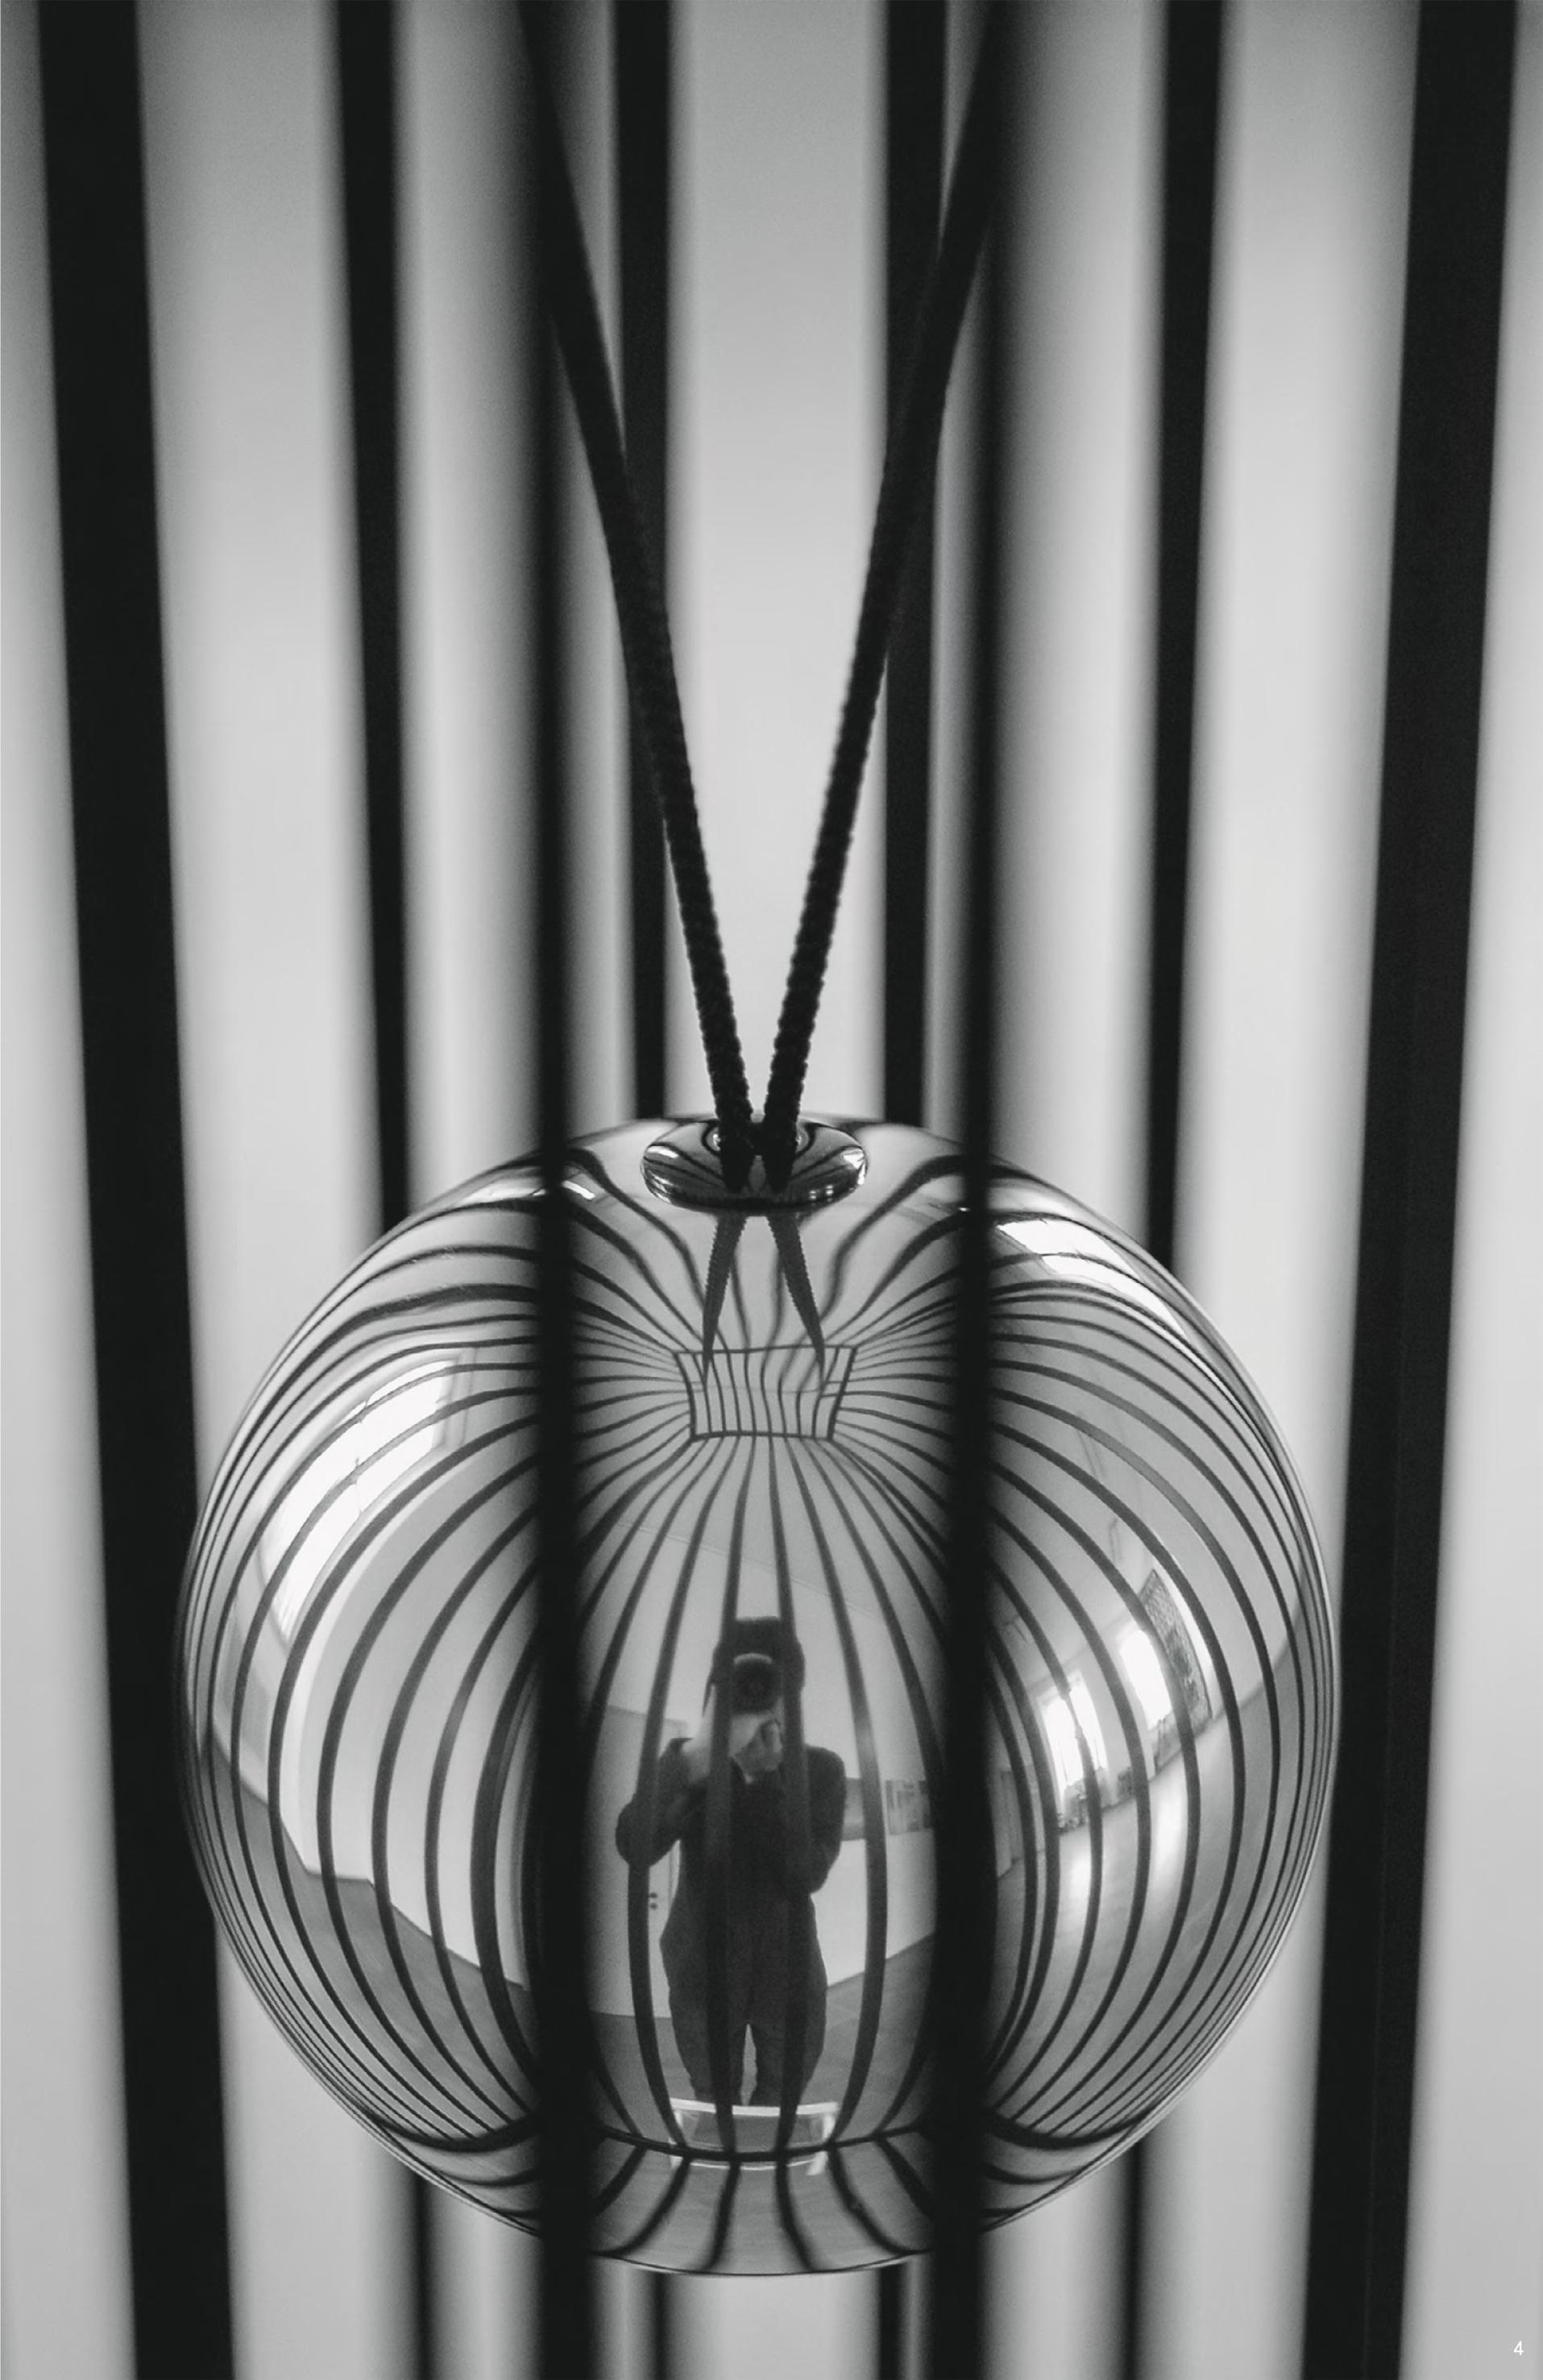 Jiro Kamata, Extrovert, halssieraad, 2006, aluminium, koord